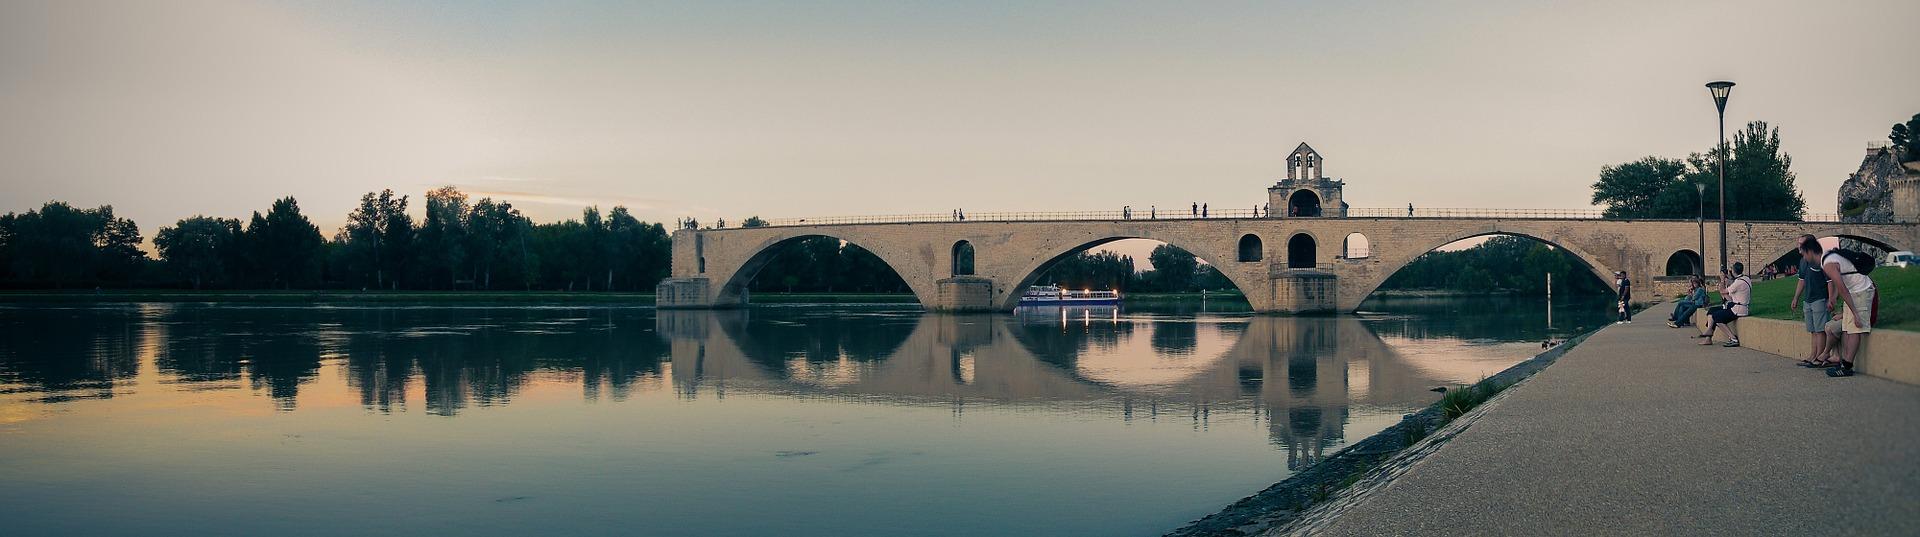 bridge-1236185_1920